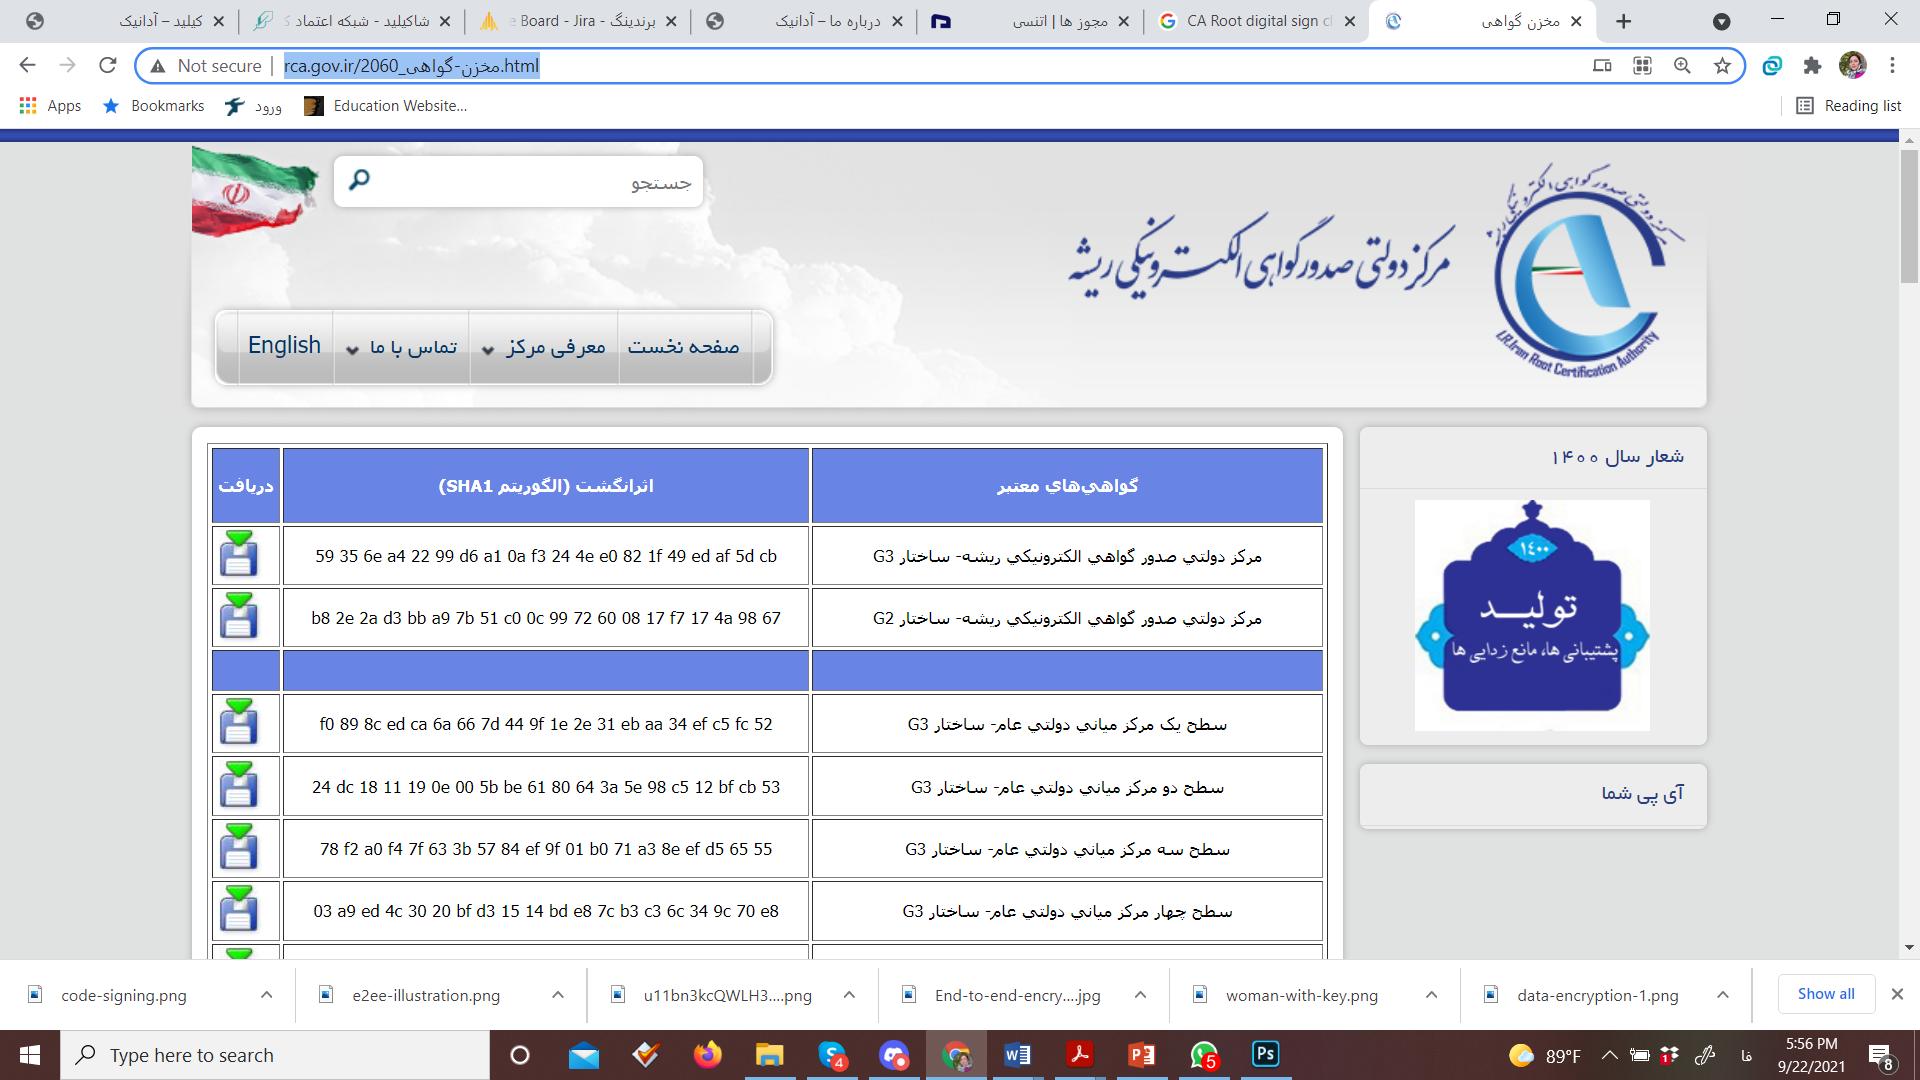 دفاتر خدمات صدور گواهی الکترونیکی در ایران